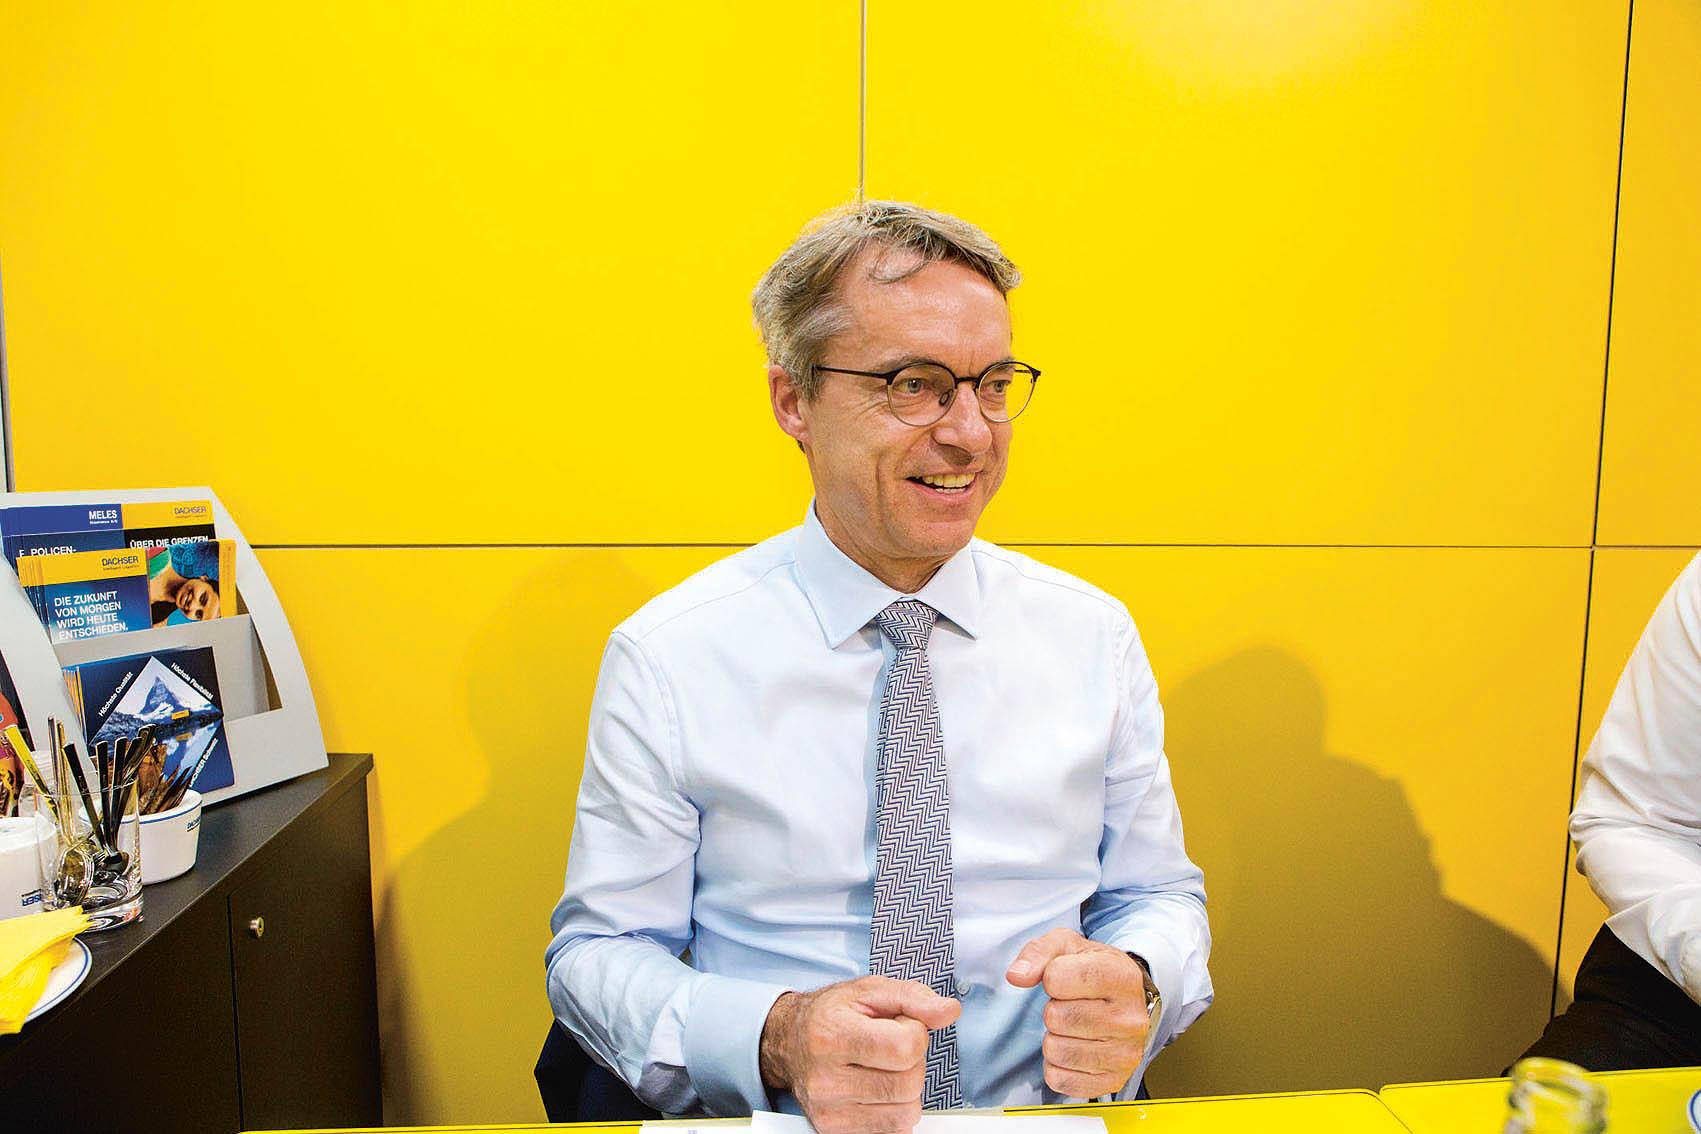 Bernhard Simon, vnuk zakladatele aředitel celého koncernu Dachser